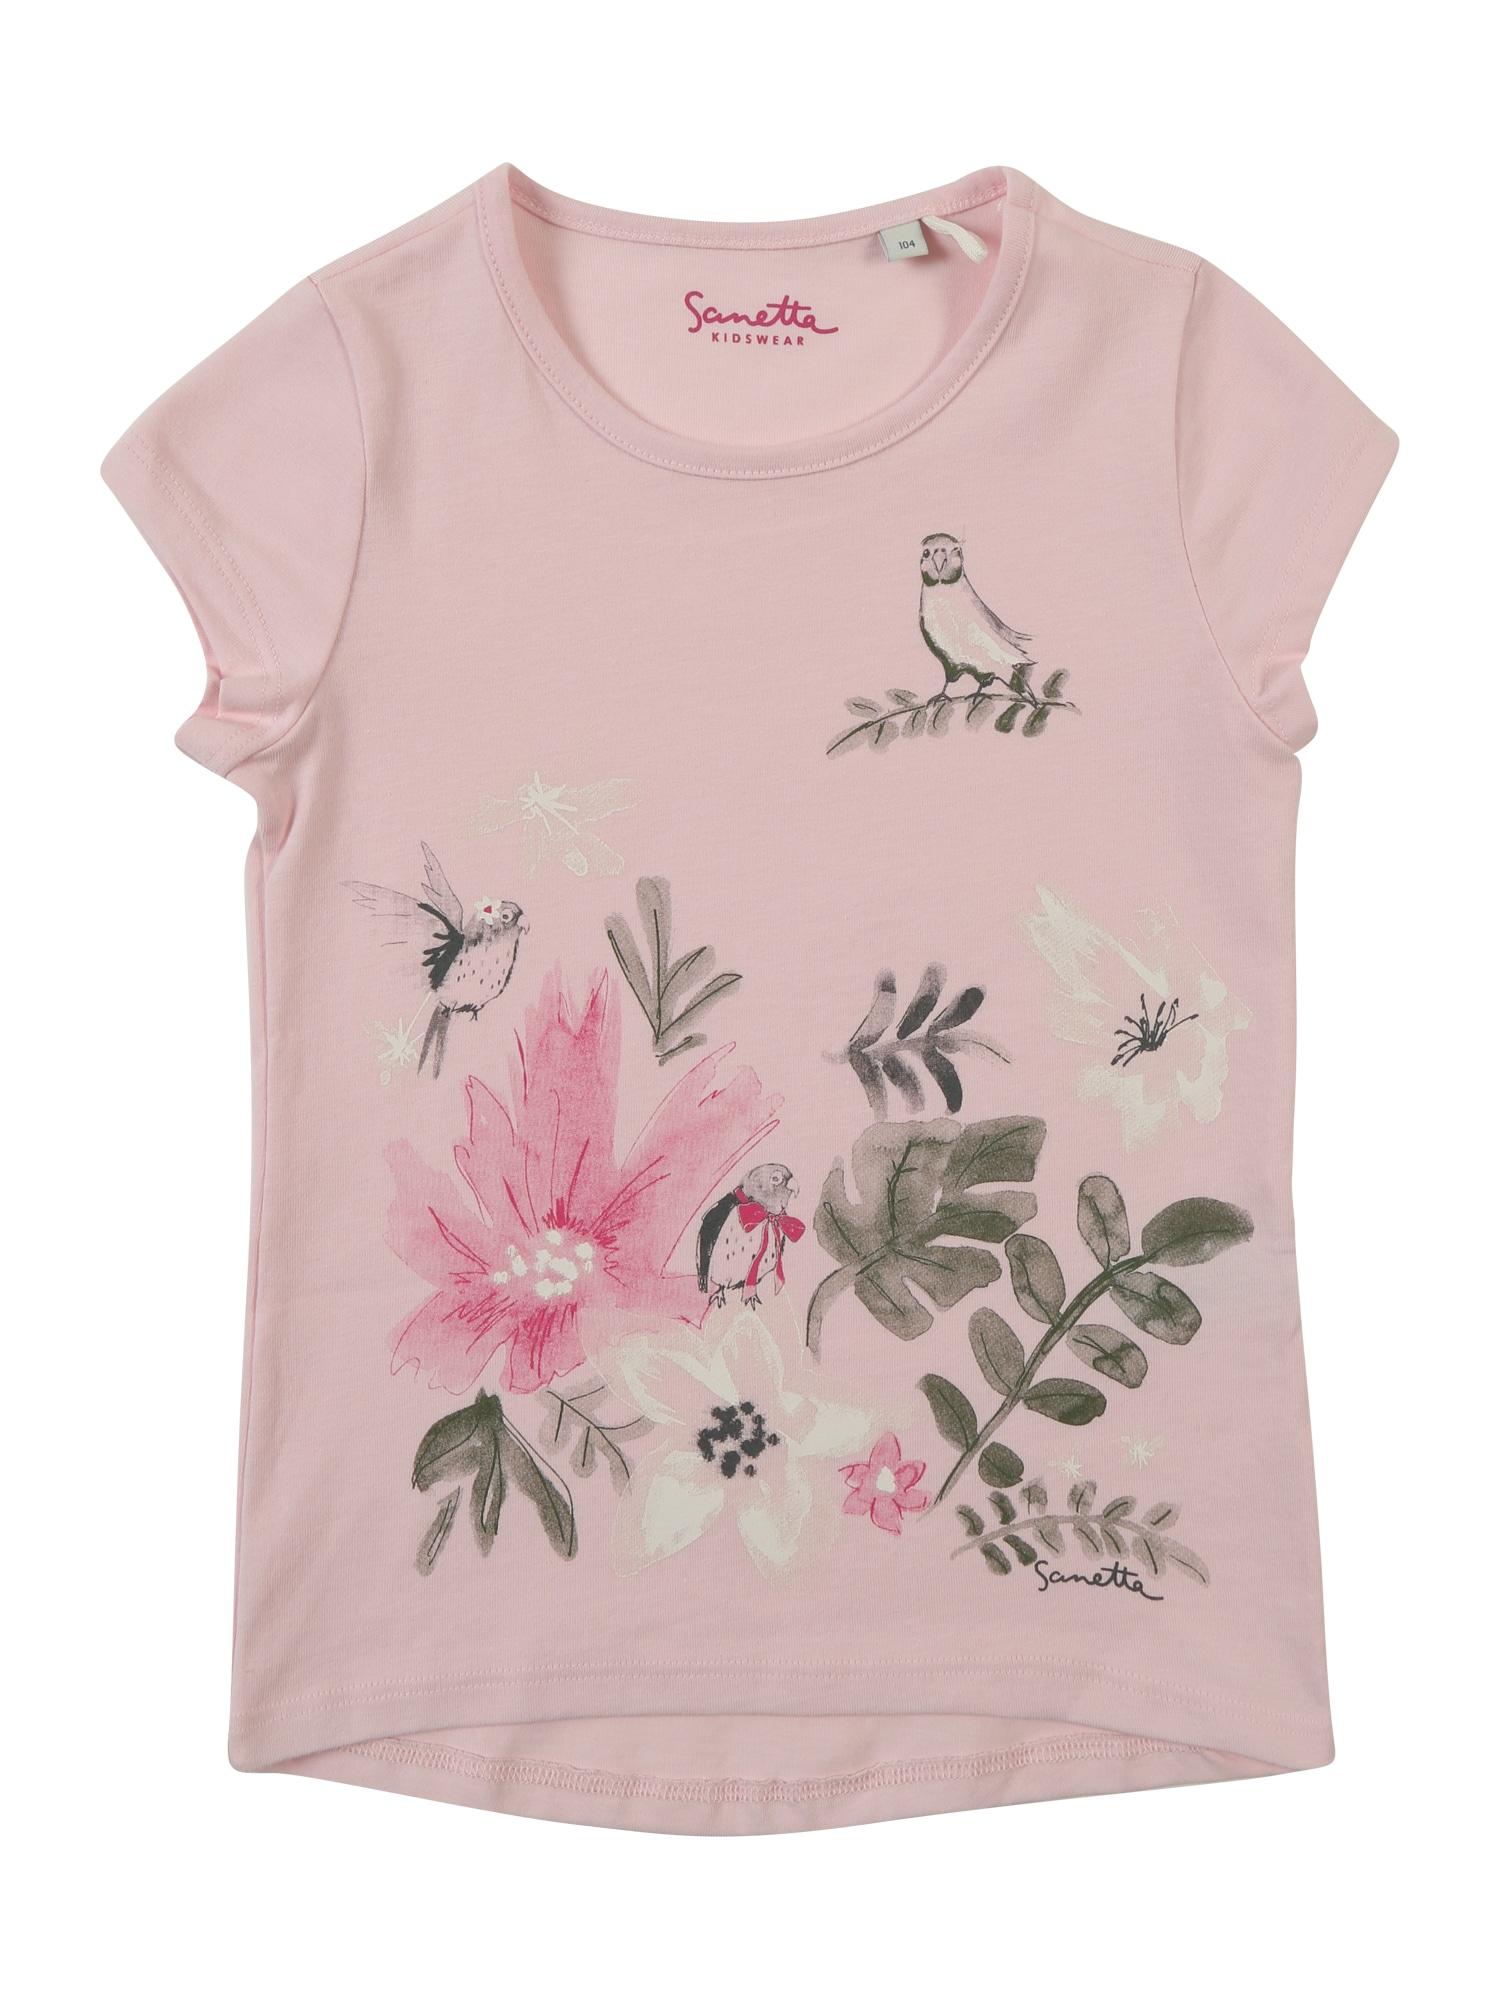 Tričko čedičová šedá jedle růže tmavě růžová Sanetta Kidswear